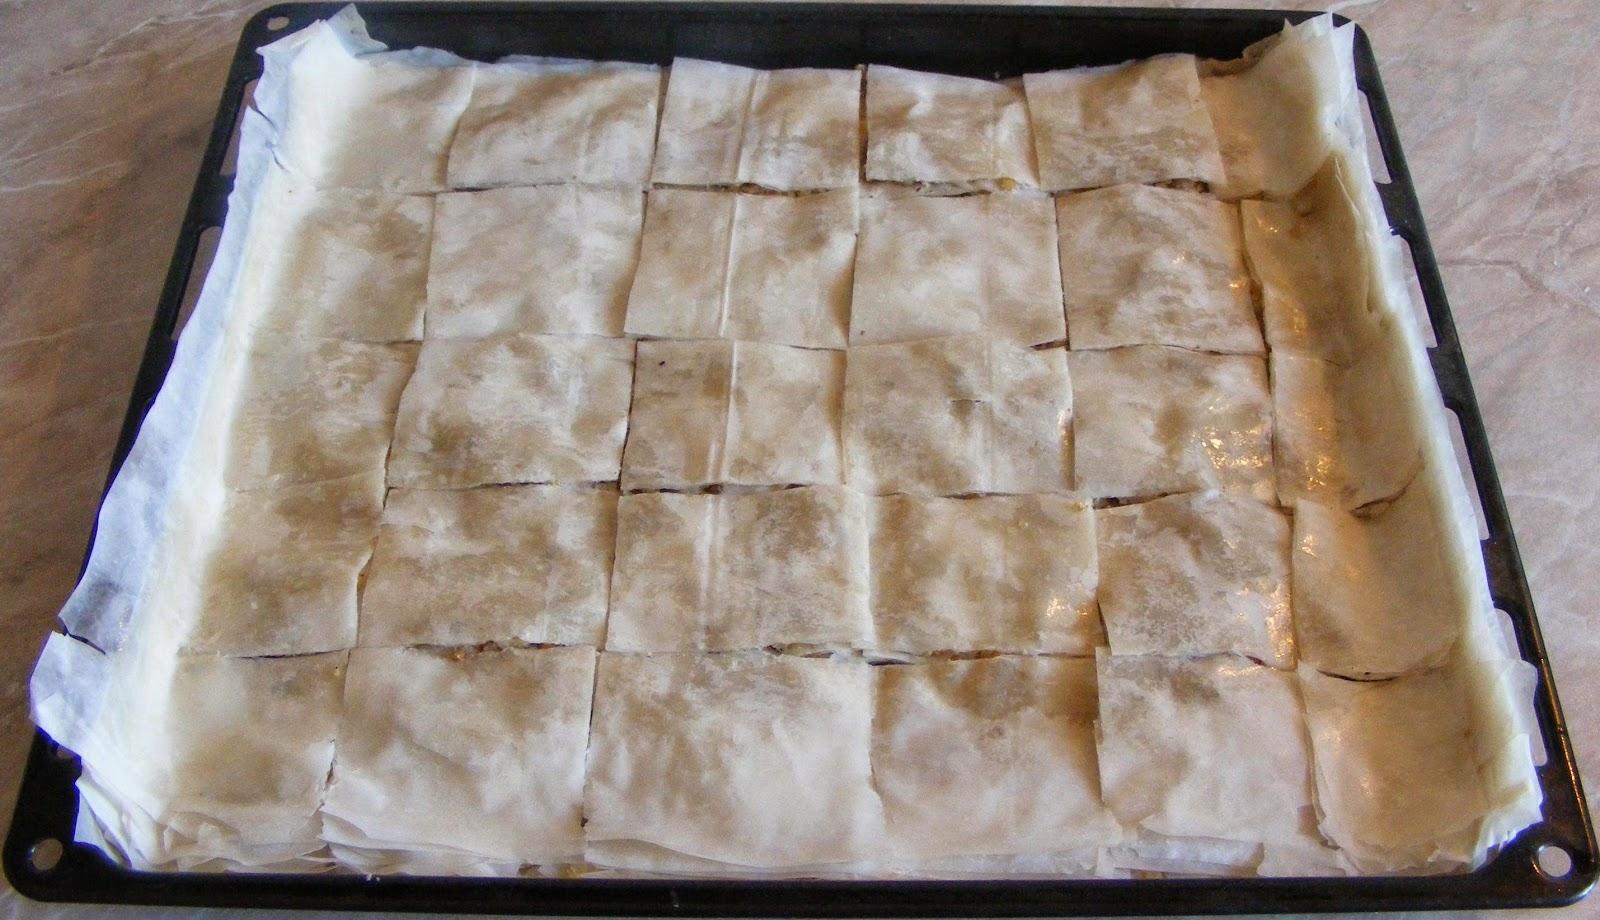 preparare baclava, cum se prepara baclavale, cum facem baclavale, cum se prepara baclava cu foi de placinta si nuca, retete si preparate culinare baclava, cum se prepara baclava turceasca,